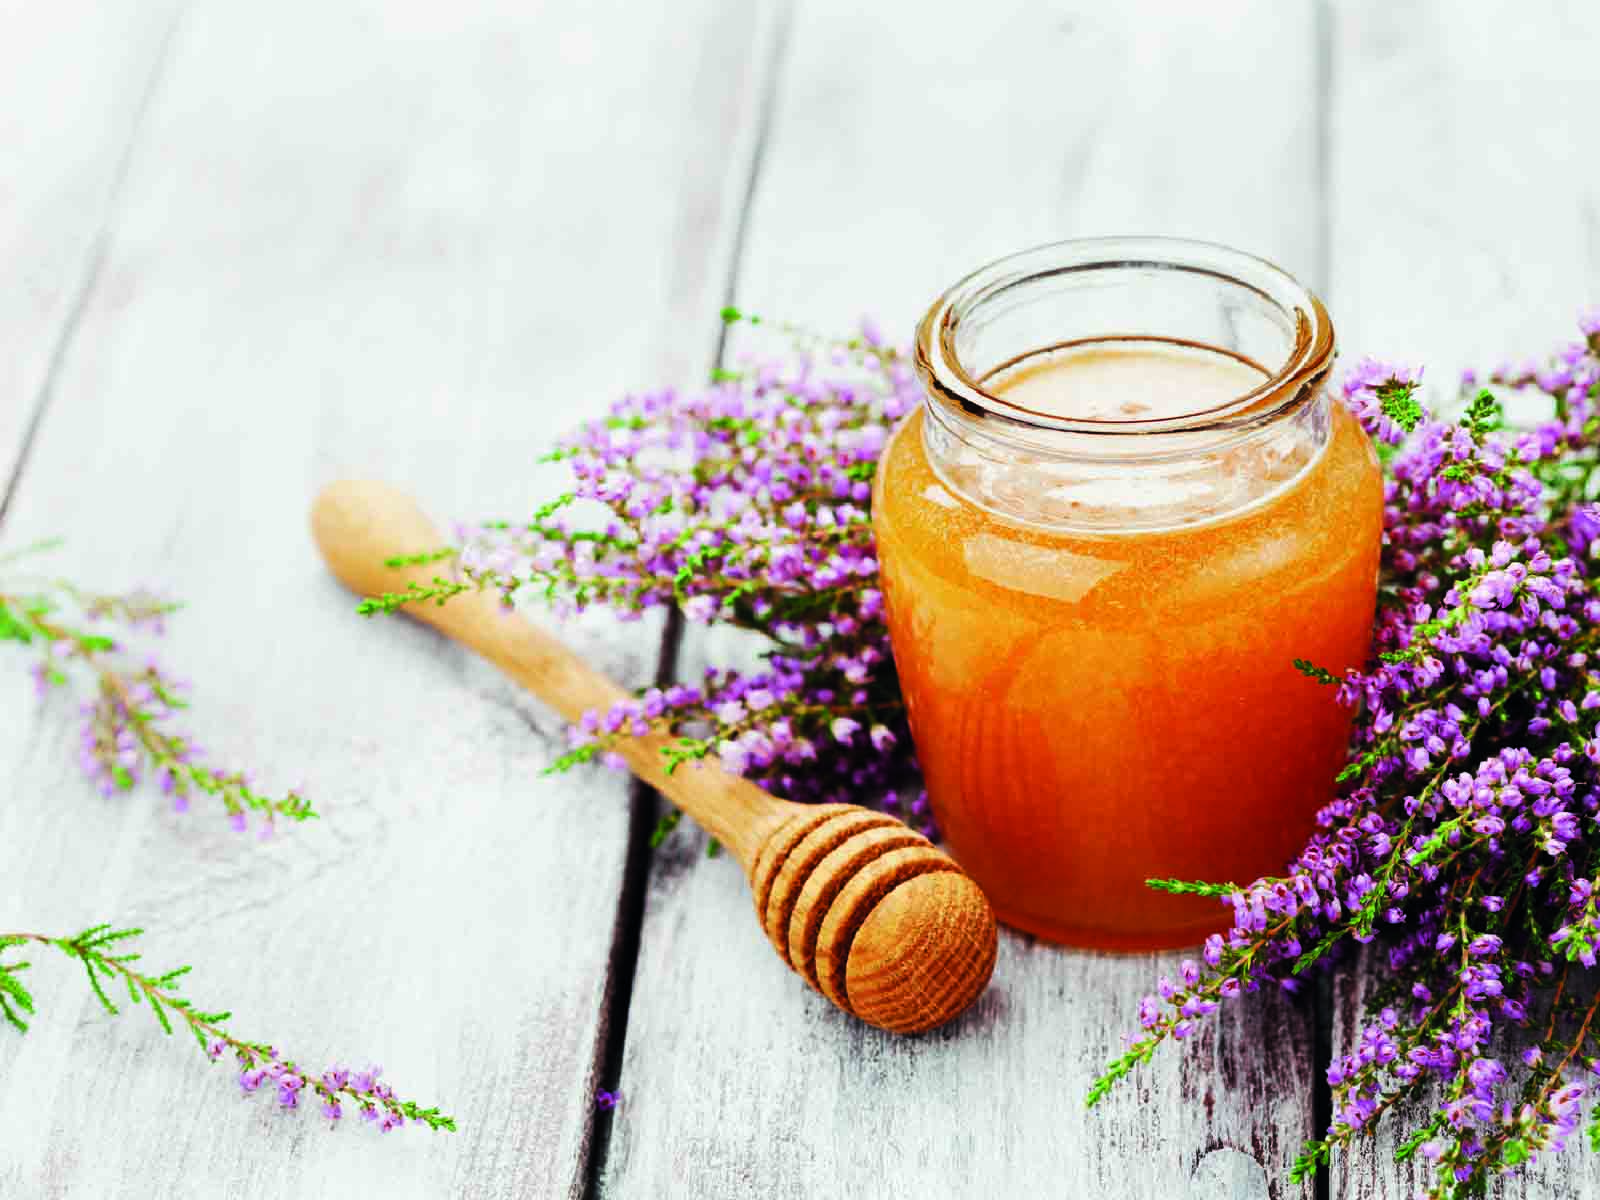 miel de abeja, honey jar, tarro de miel con flores, diseño de packaging, diseño gráfico